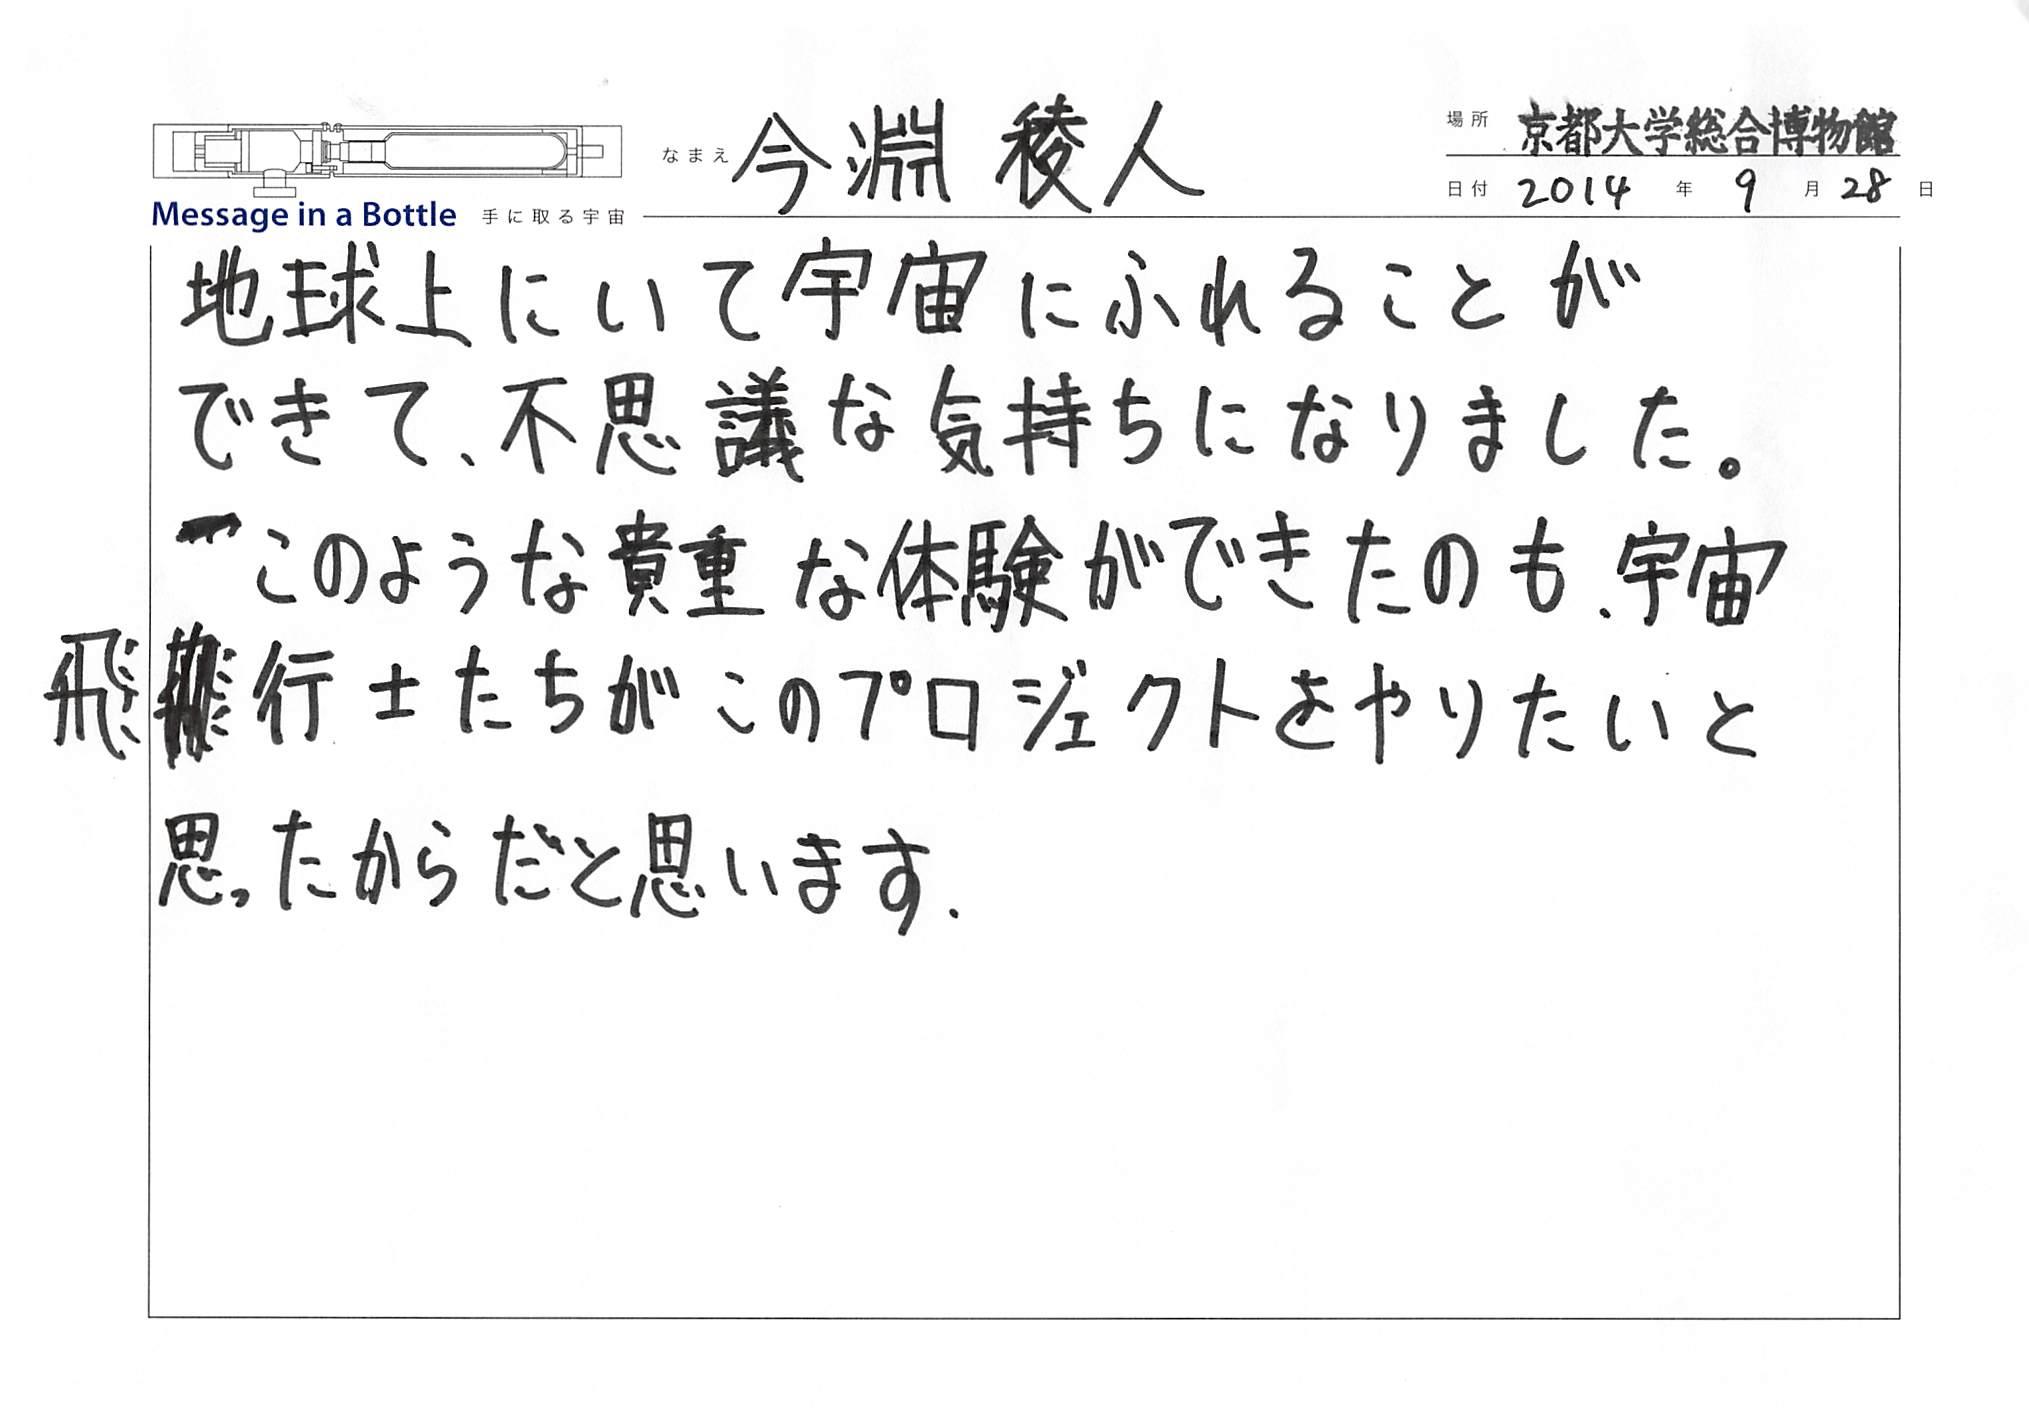 2014-09-28-16-24-13.jpg